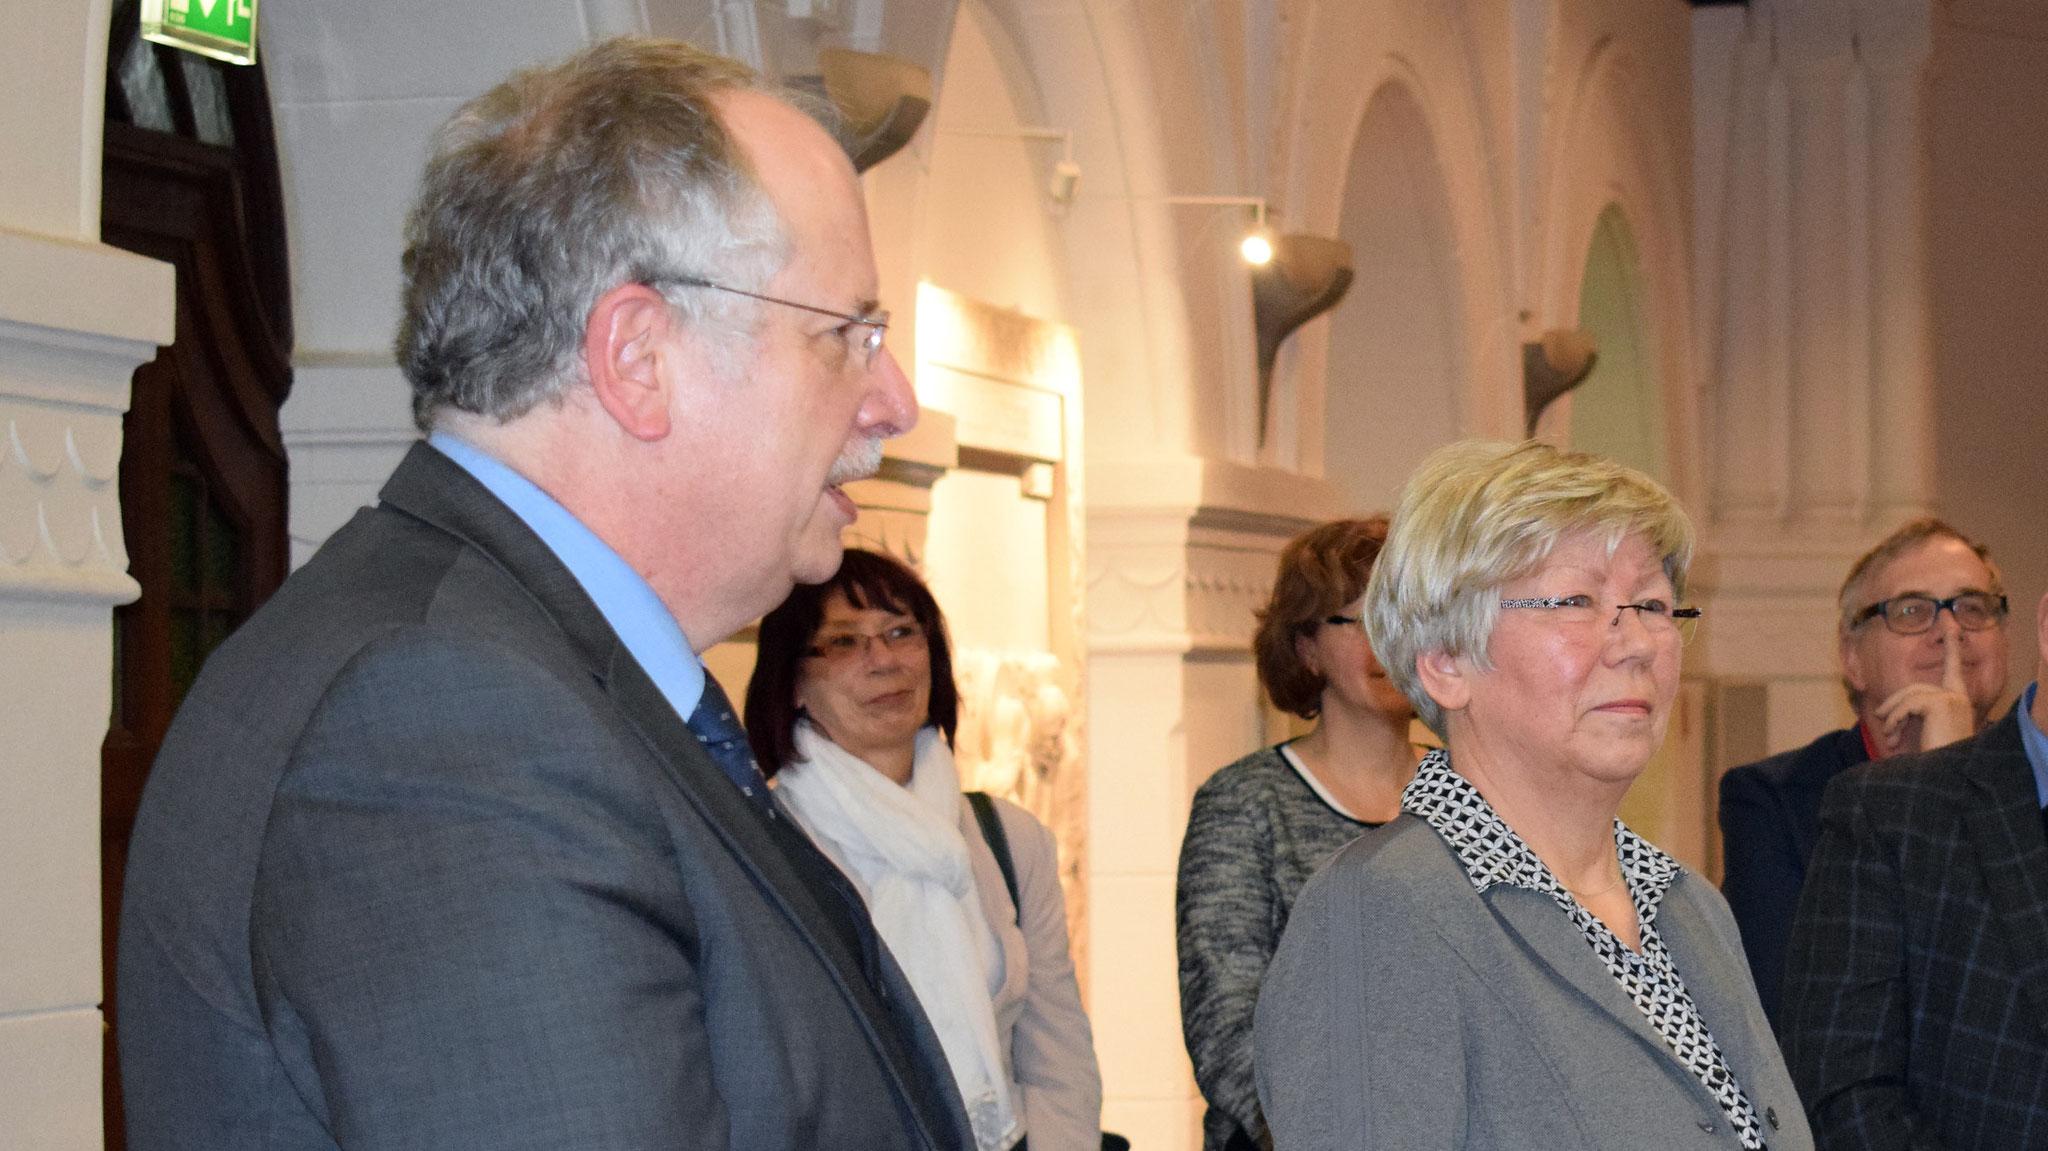 Foto Kanzlerstiftung: Stiftungsdirektor Andreas Schindler, Monika Suhle und Daniela Schieke (v.l.n.r.)